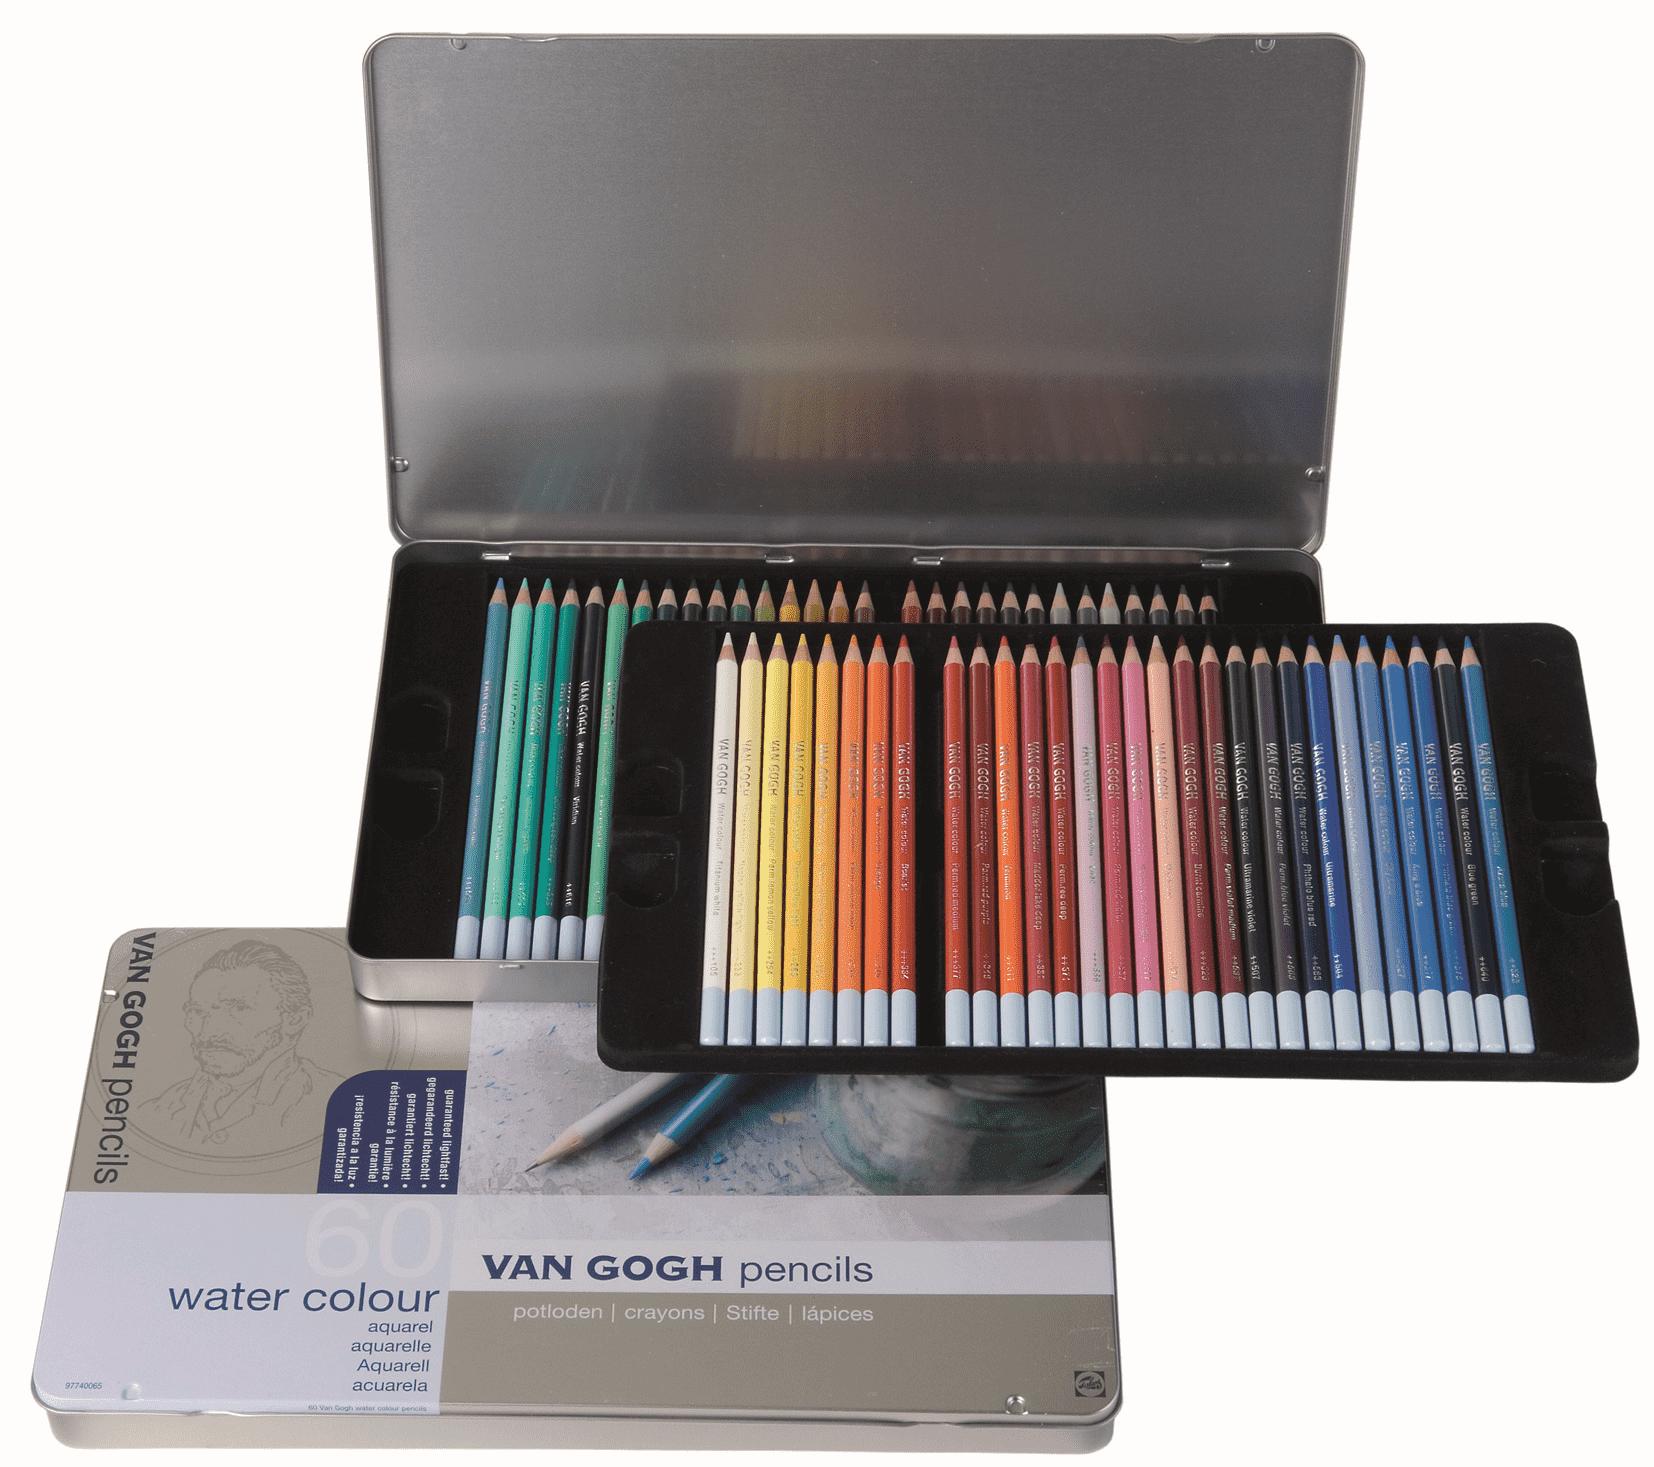 Художественные цветные карандаши – каким брендам отдать предпочтение